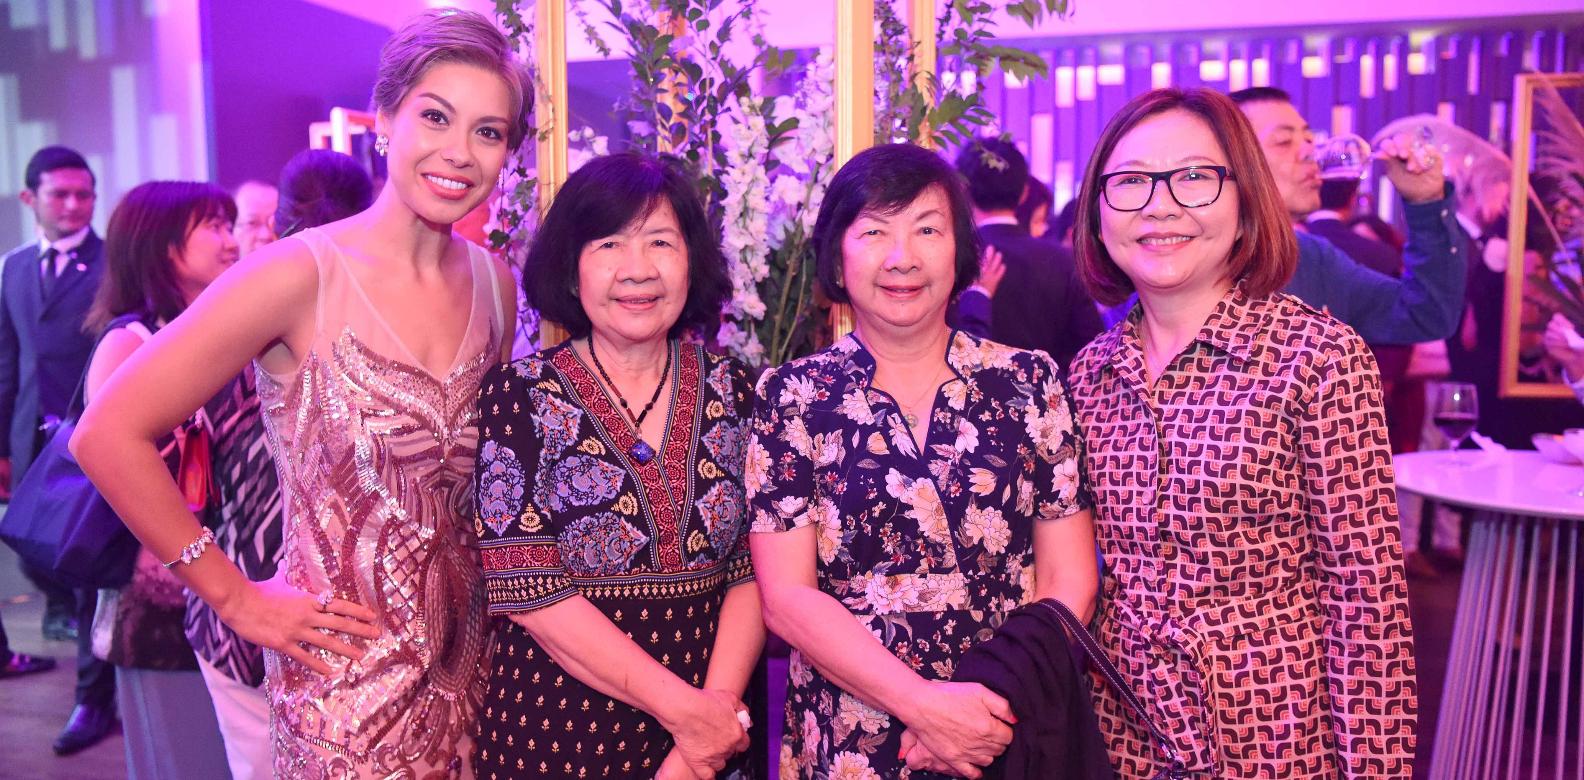 Nikki Muller, Lee Yok Leng, Lee Yoke Ying Maureen, Virginia Yow